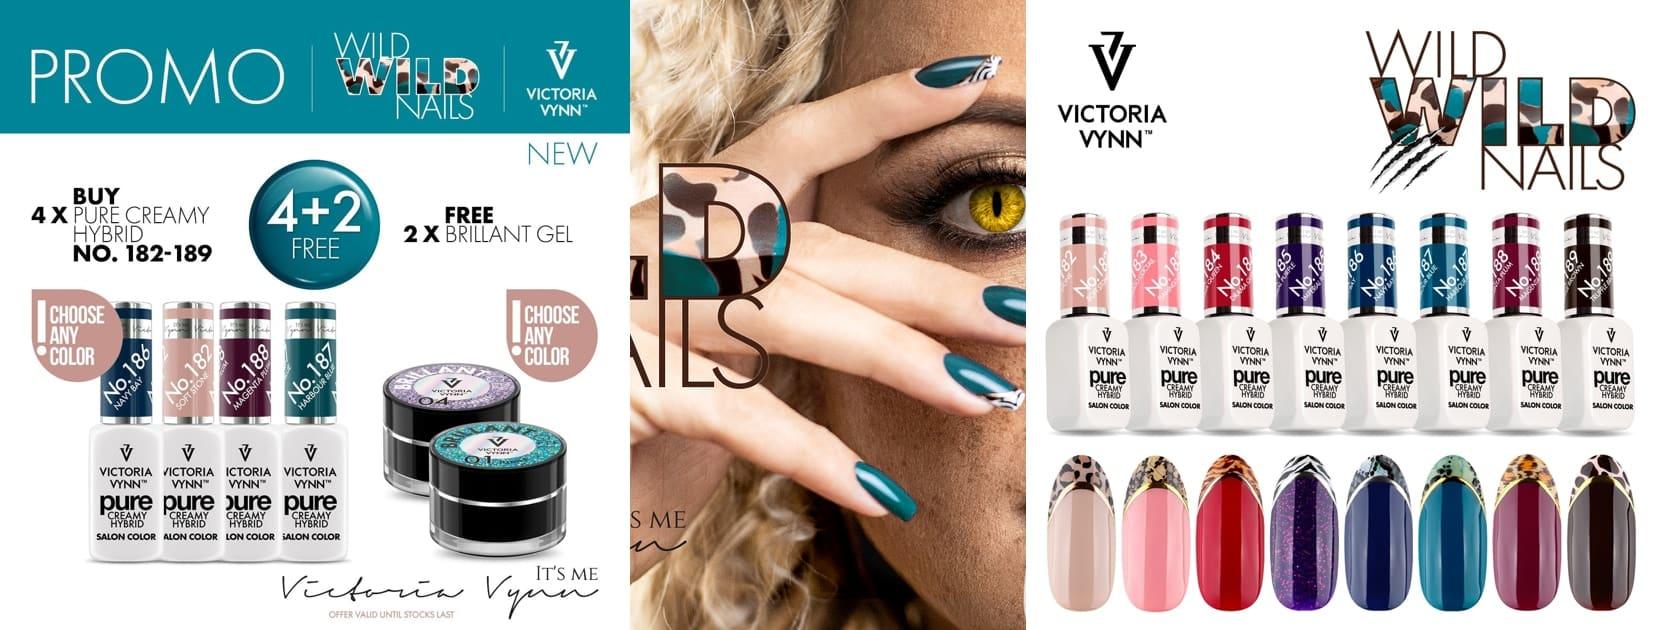 Wild Wild Nails Herfst Collectie Van Victoria Vynn Promo Primenails